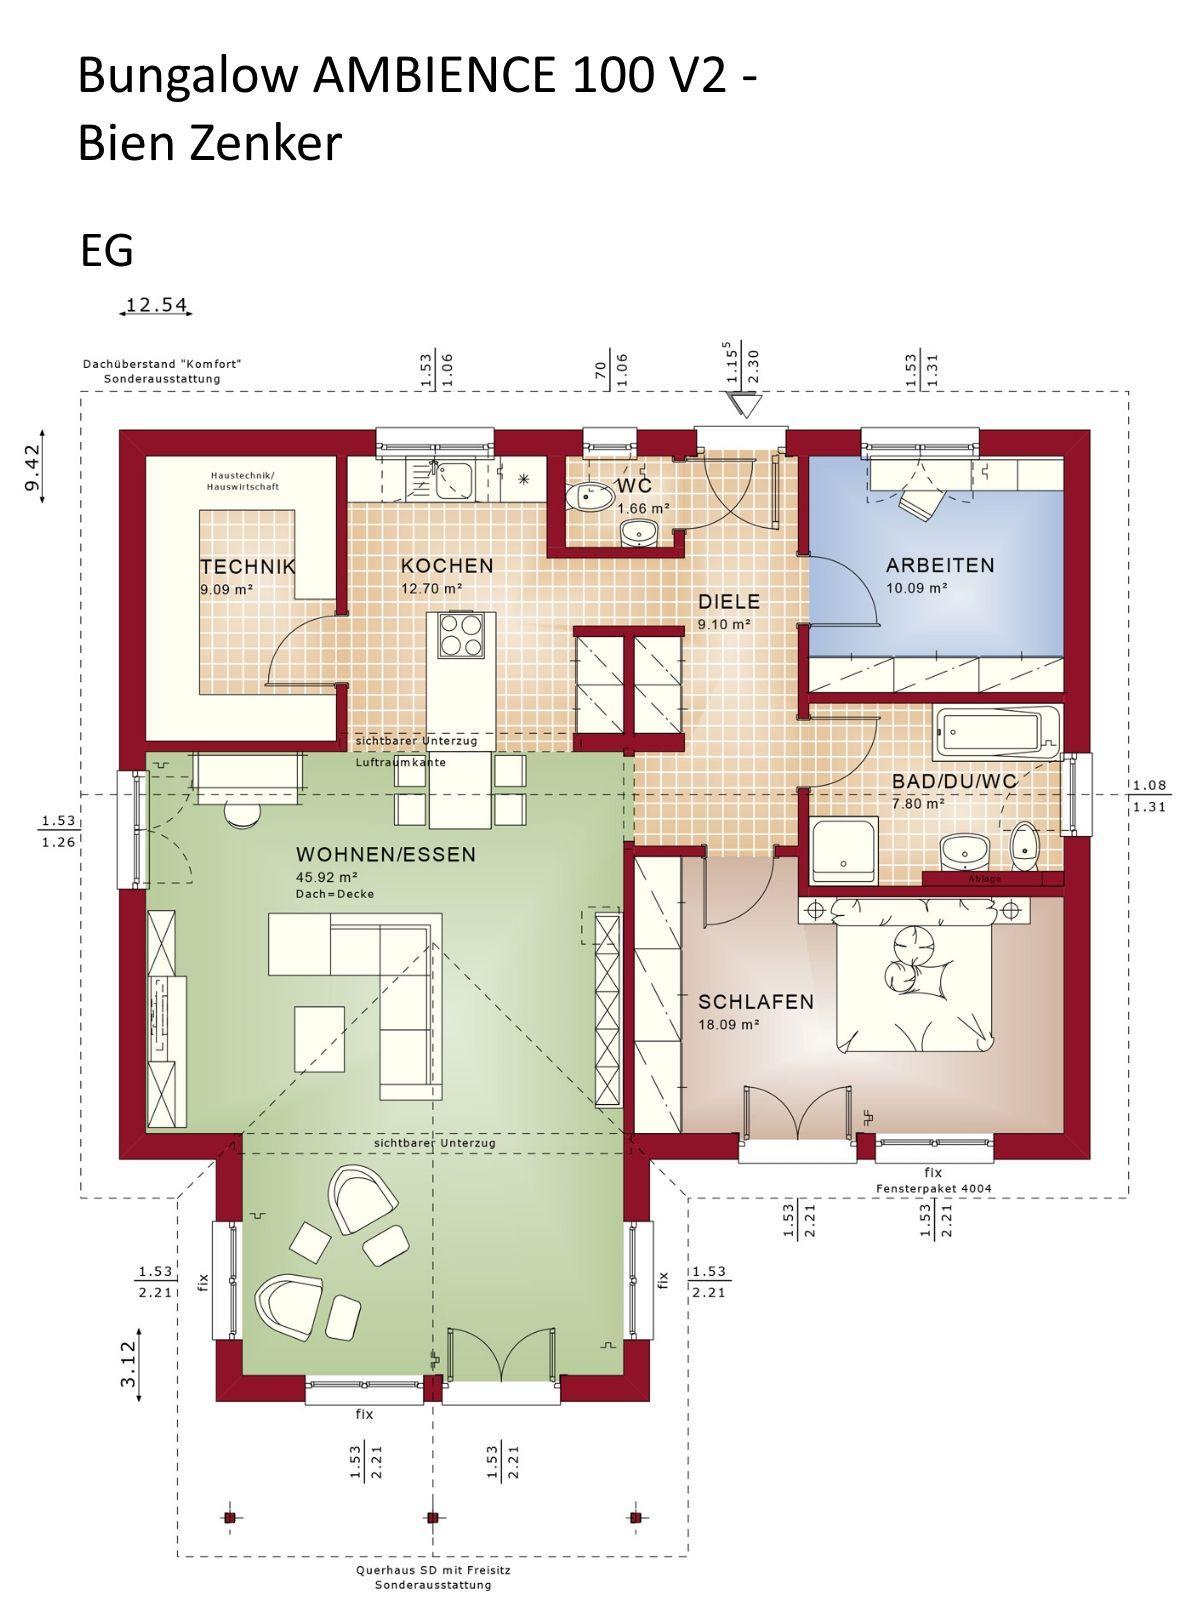 Bungalow Haus Grundriss ebenerdig mit Satteldach